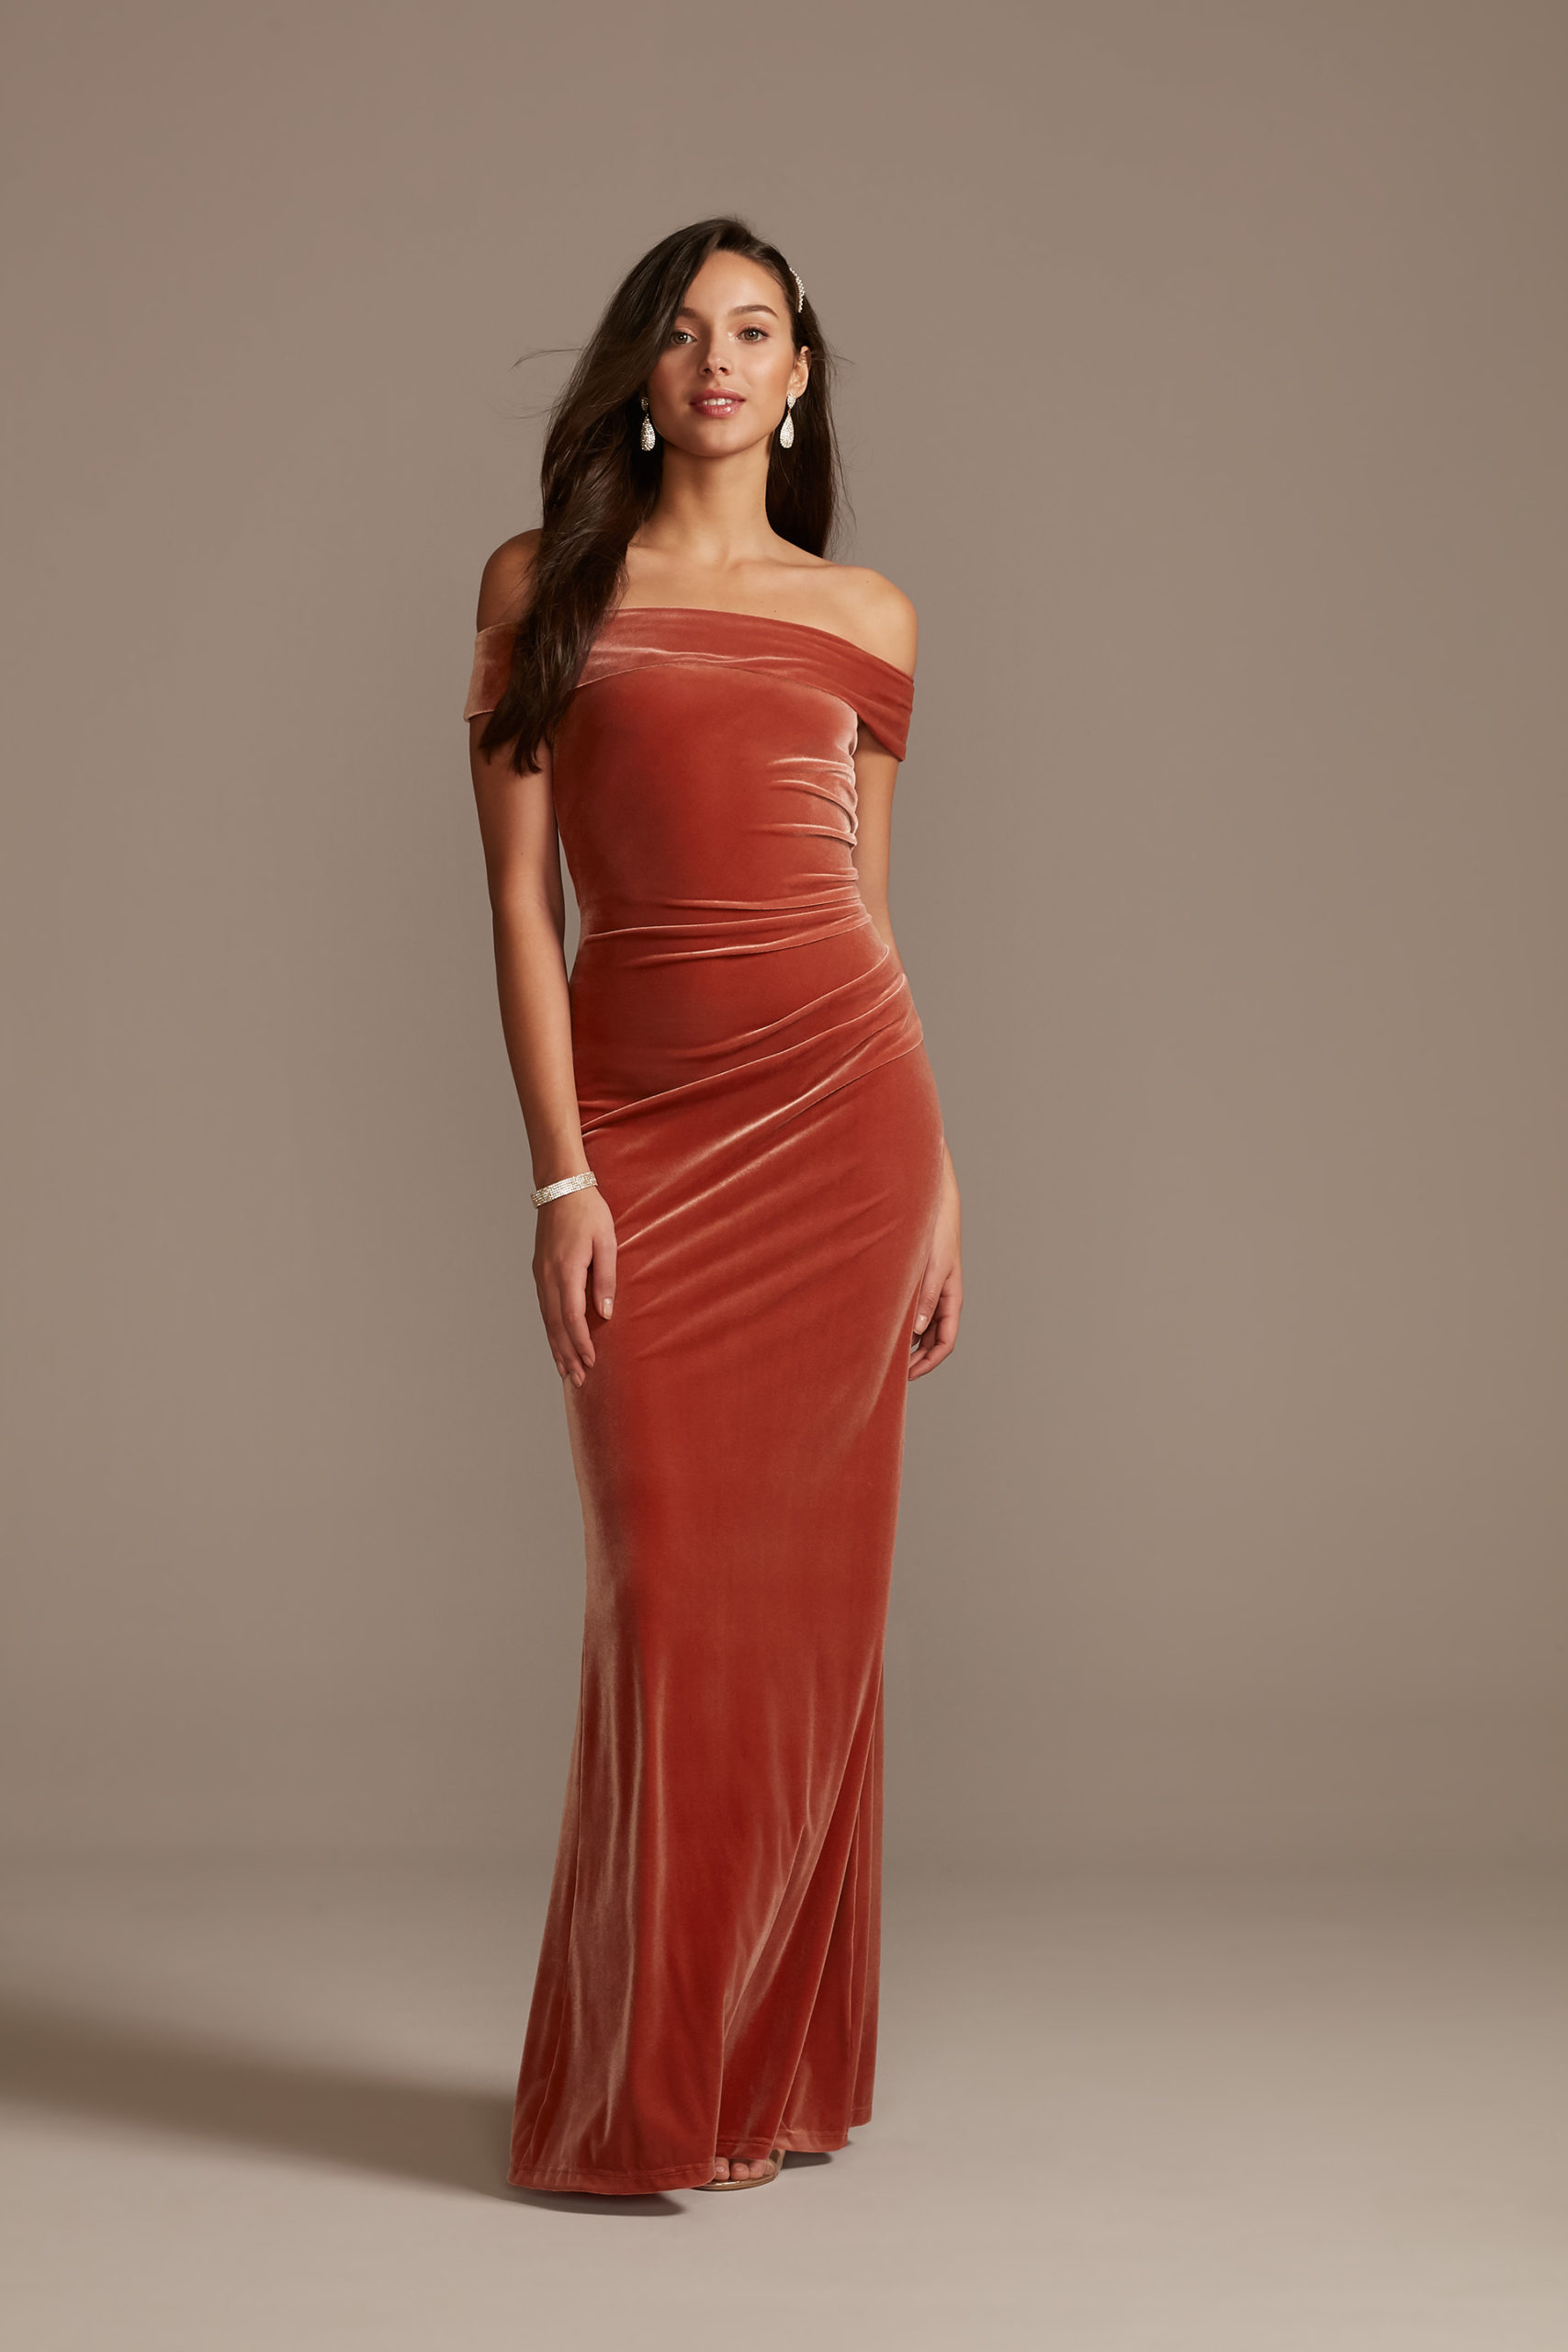 robe demoiselle d'honneur longue fourreau orange foncé col bardot